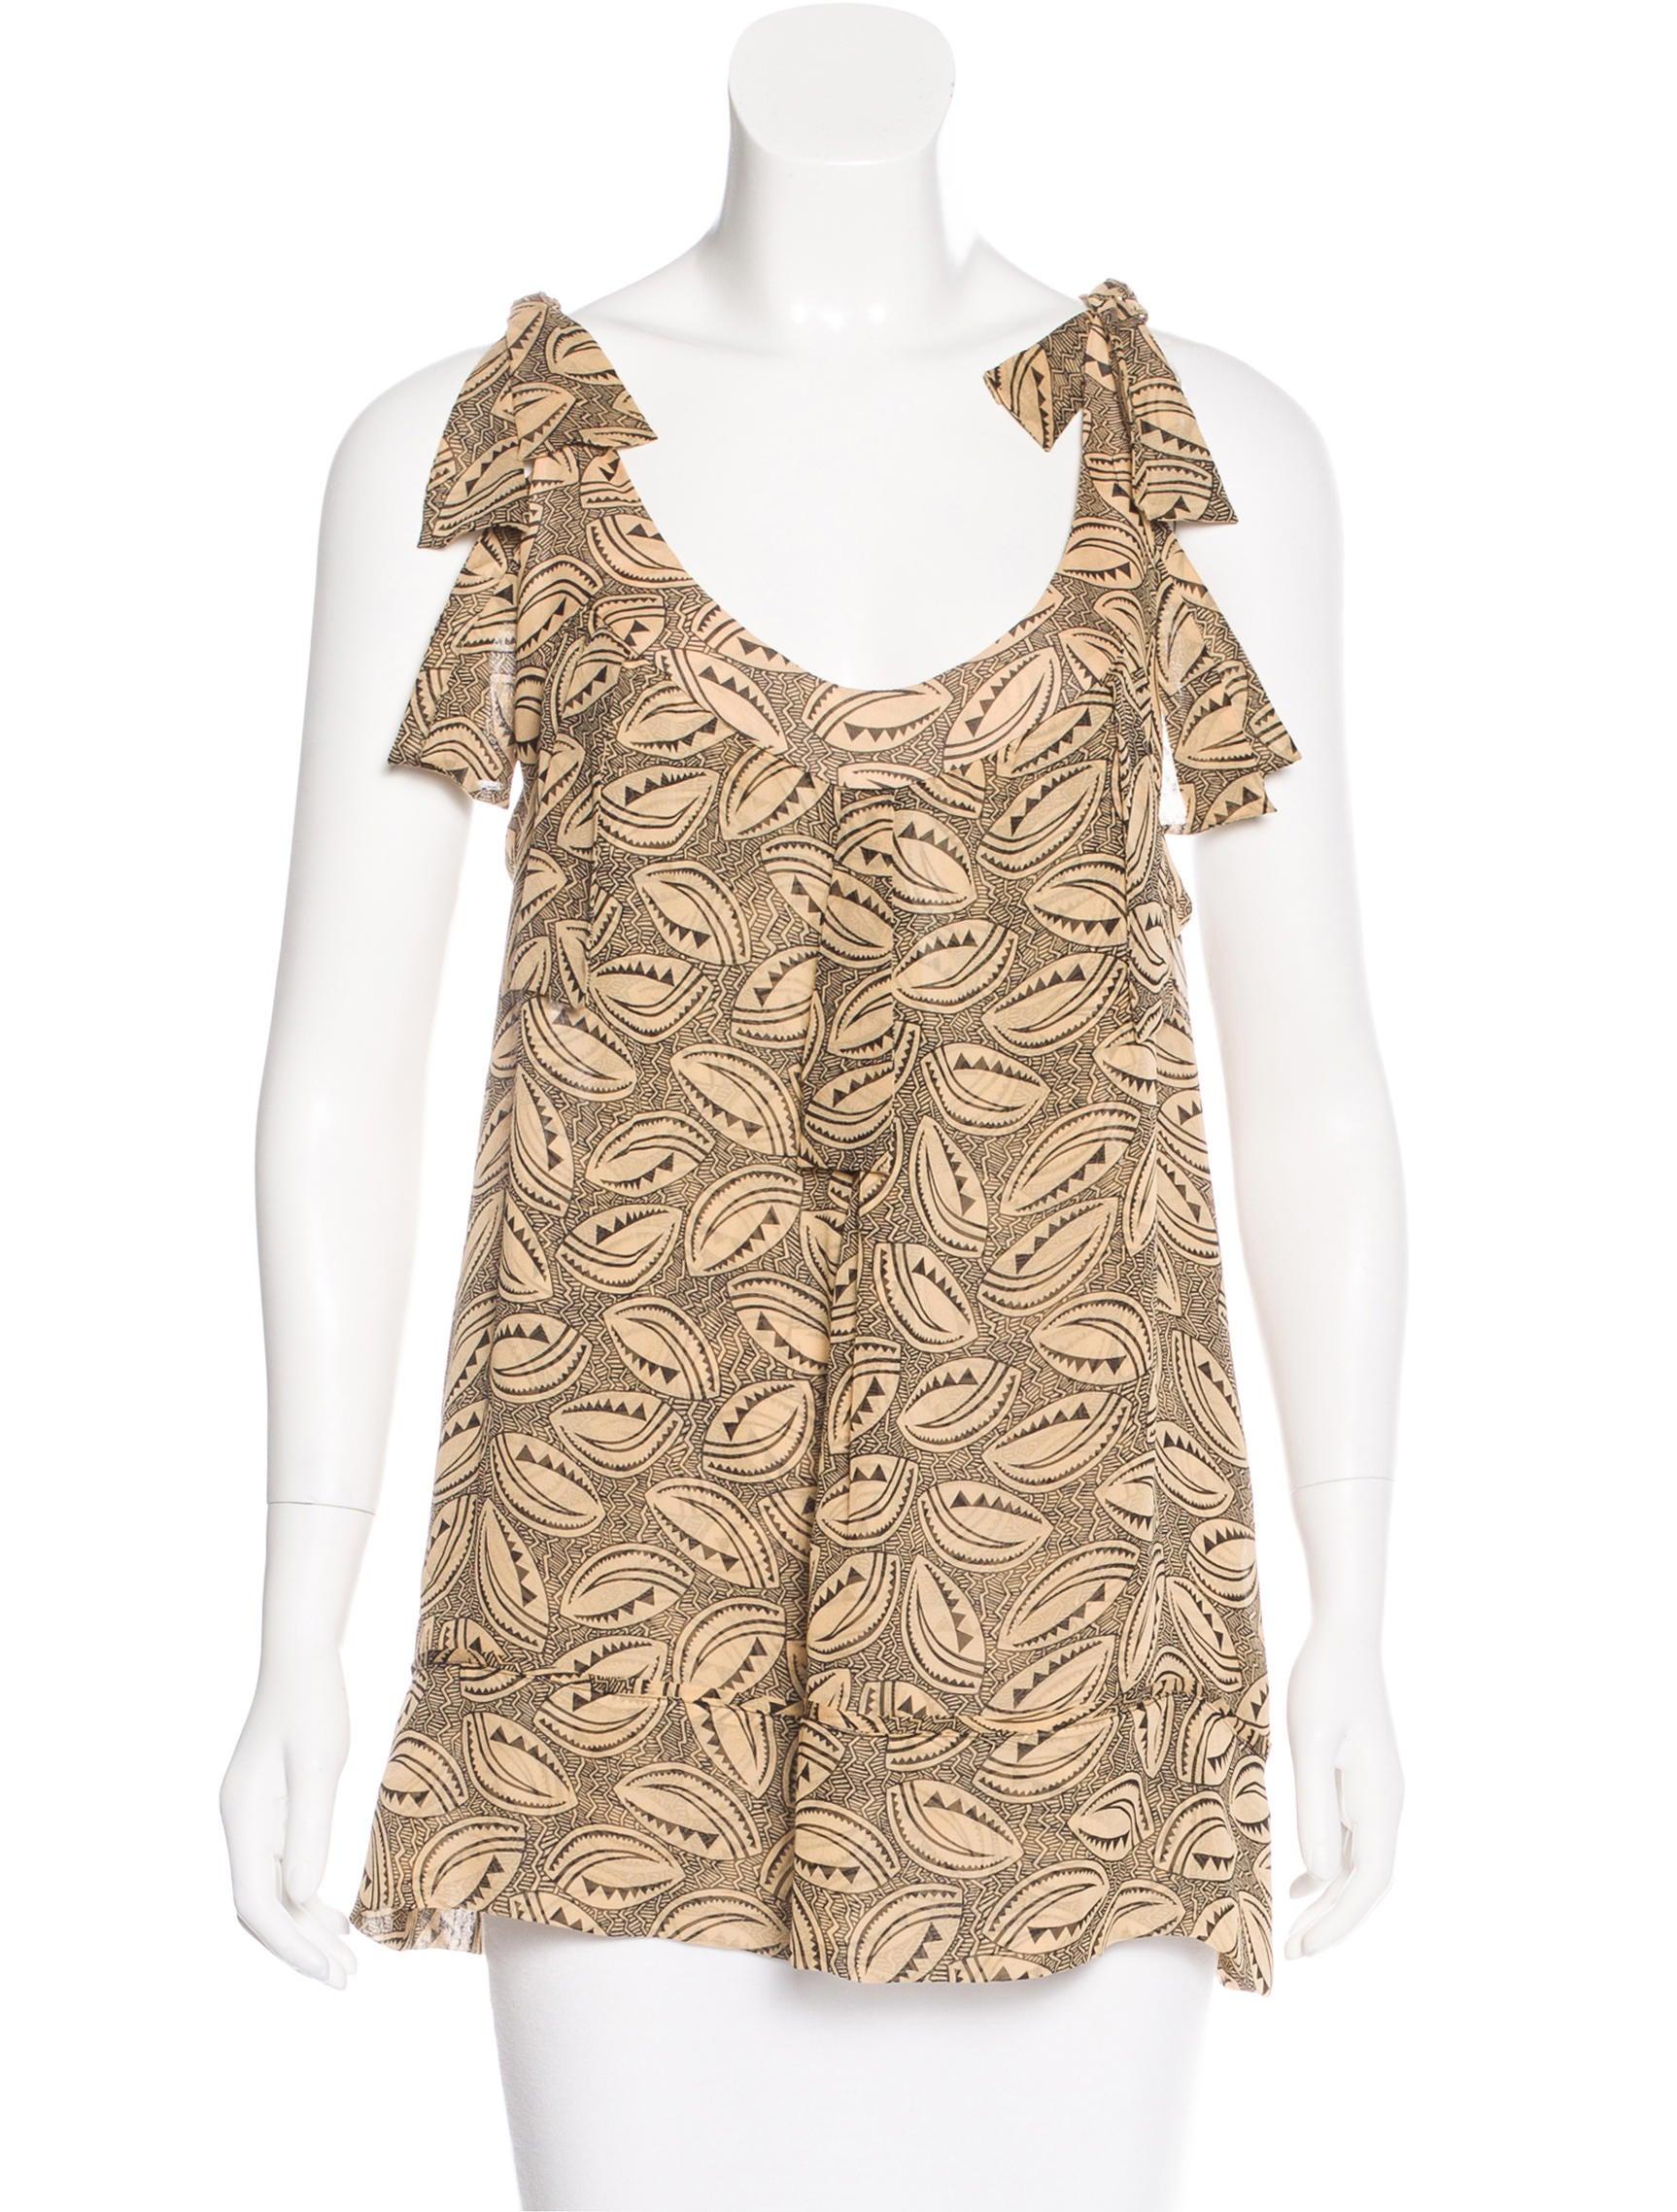 Diane von furstenberg silk printed top clothing for Diane von furstenberg shirt